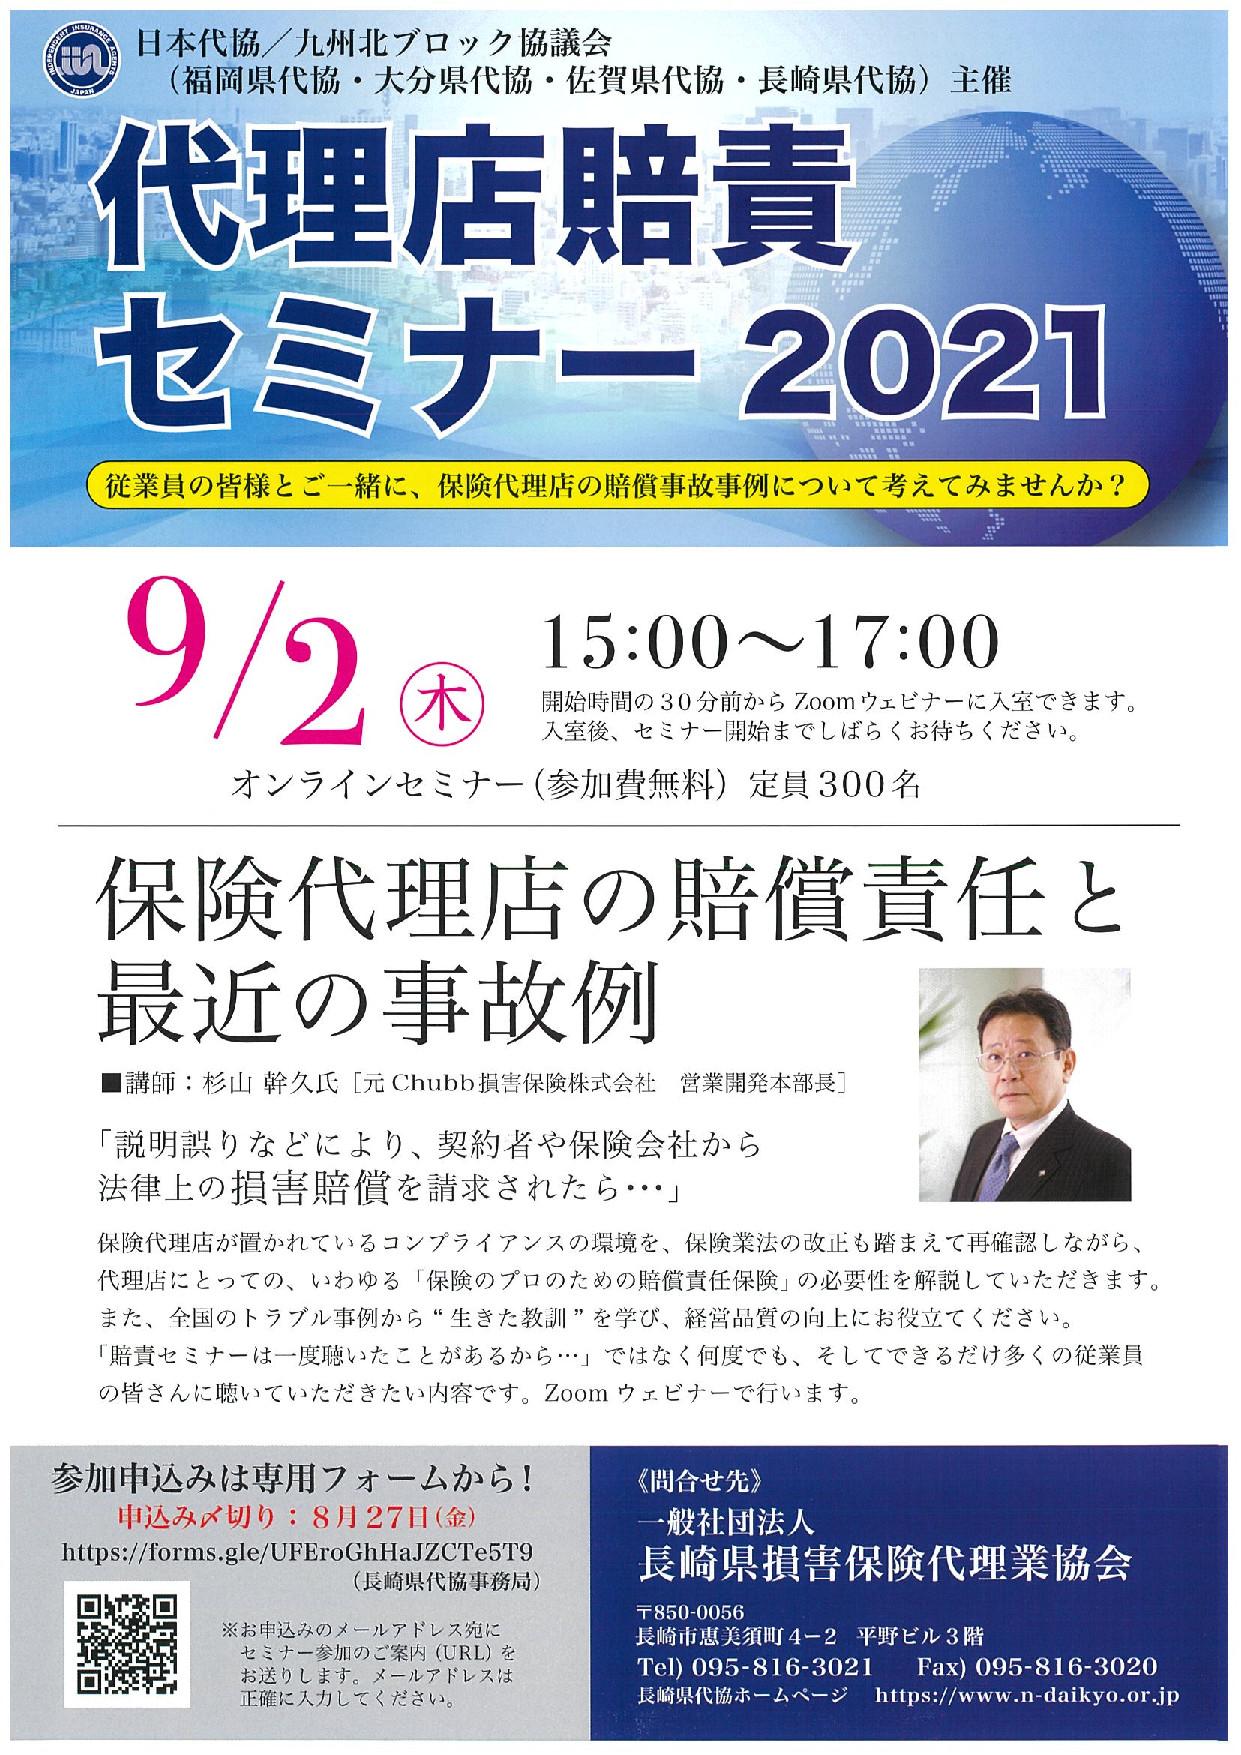 【お知らせ】代理店賠責セミナー2021開催のお知らせ